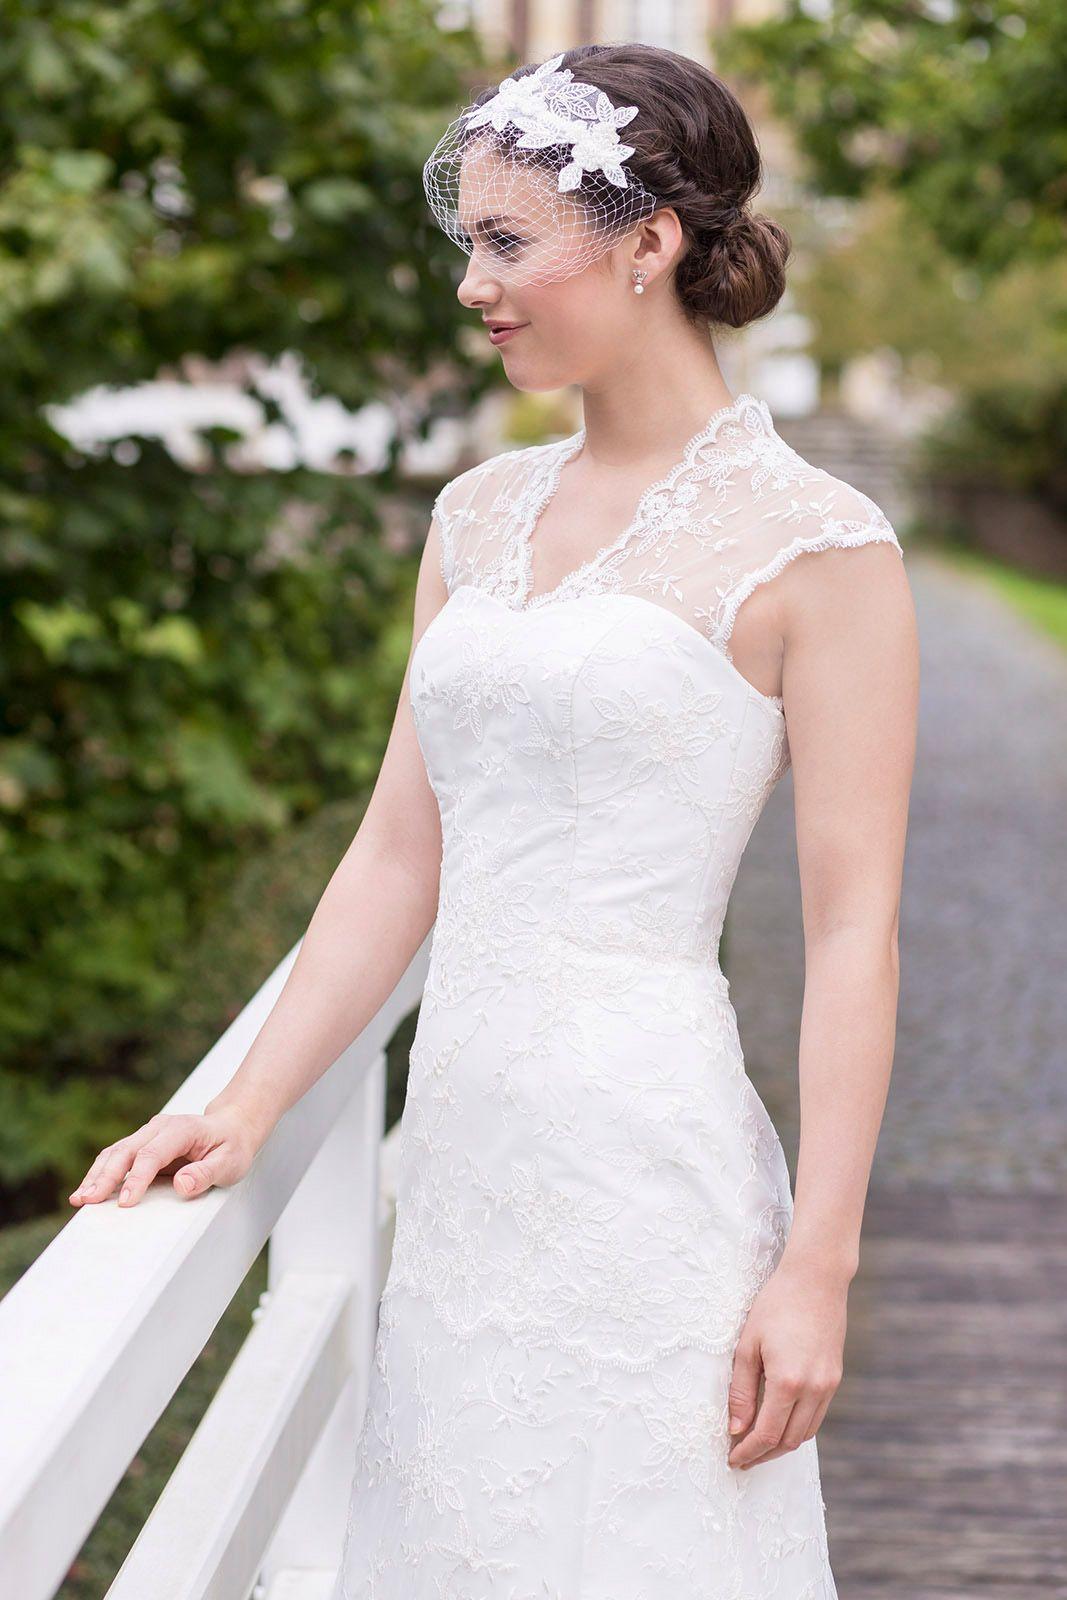 Vintage Garden › Das Braut Atelier - Christina Busch › Brautkleider ...